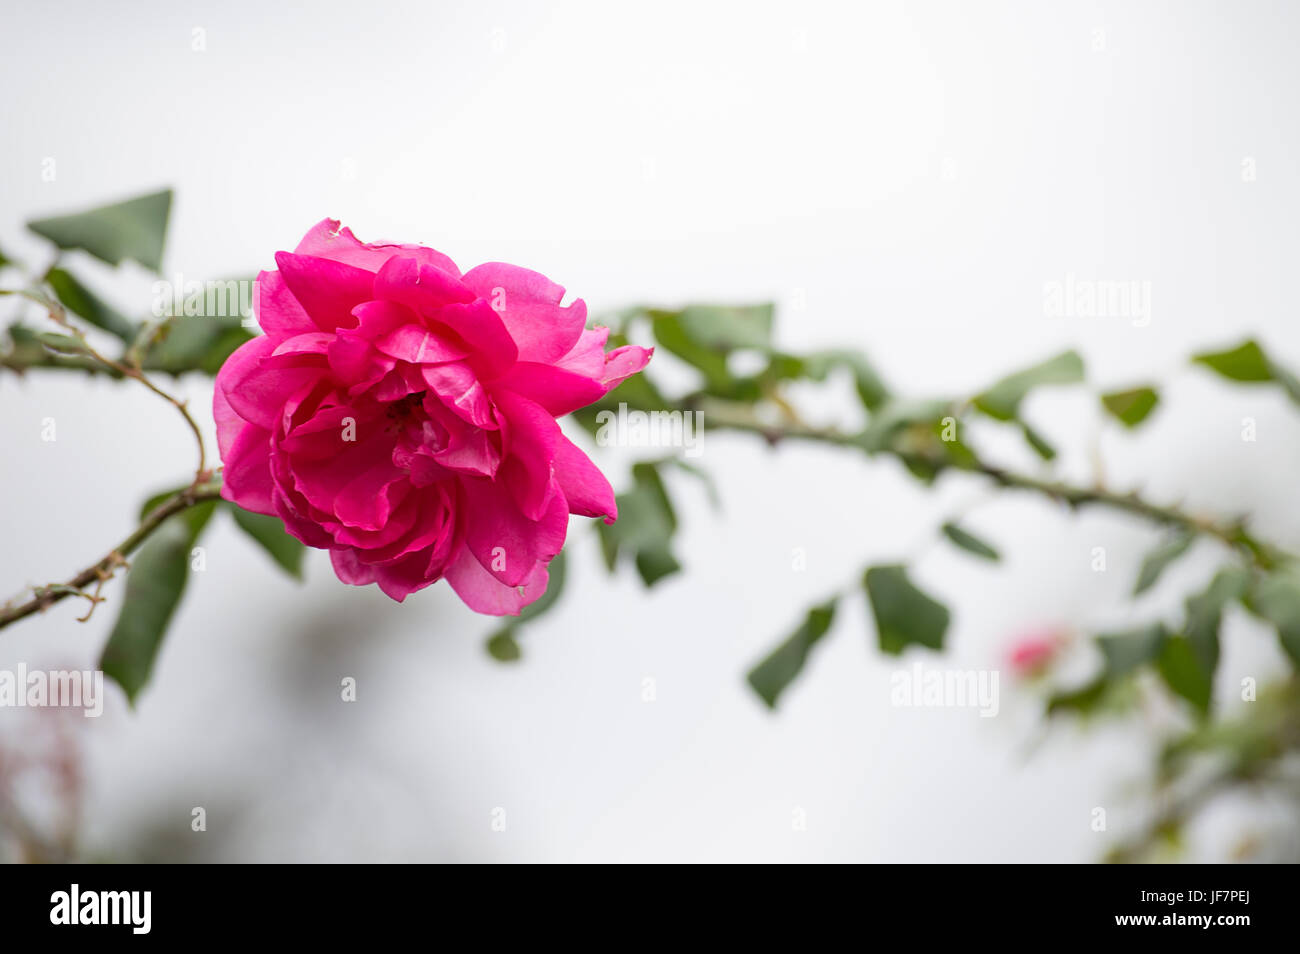 Bella rosa rosa su sfondo al di fuori della messa a fuoco in un giorno nuvoloso Immagini Stock